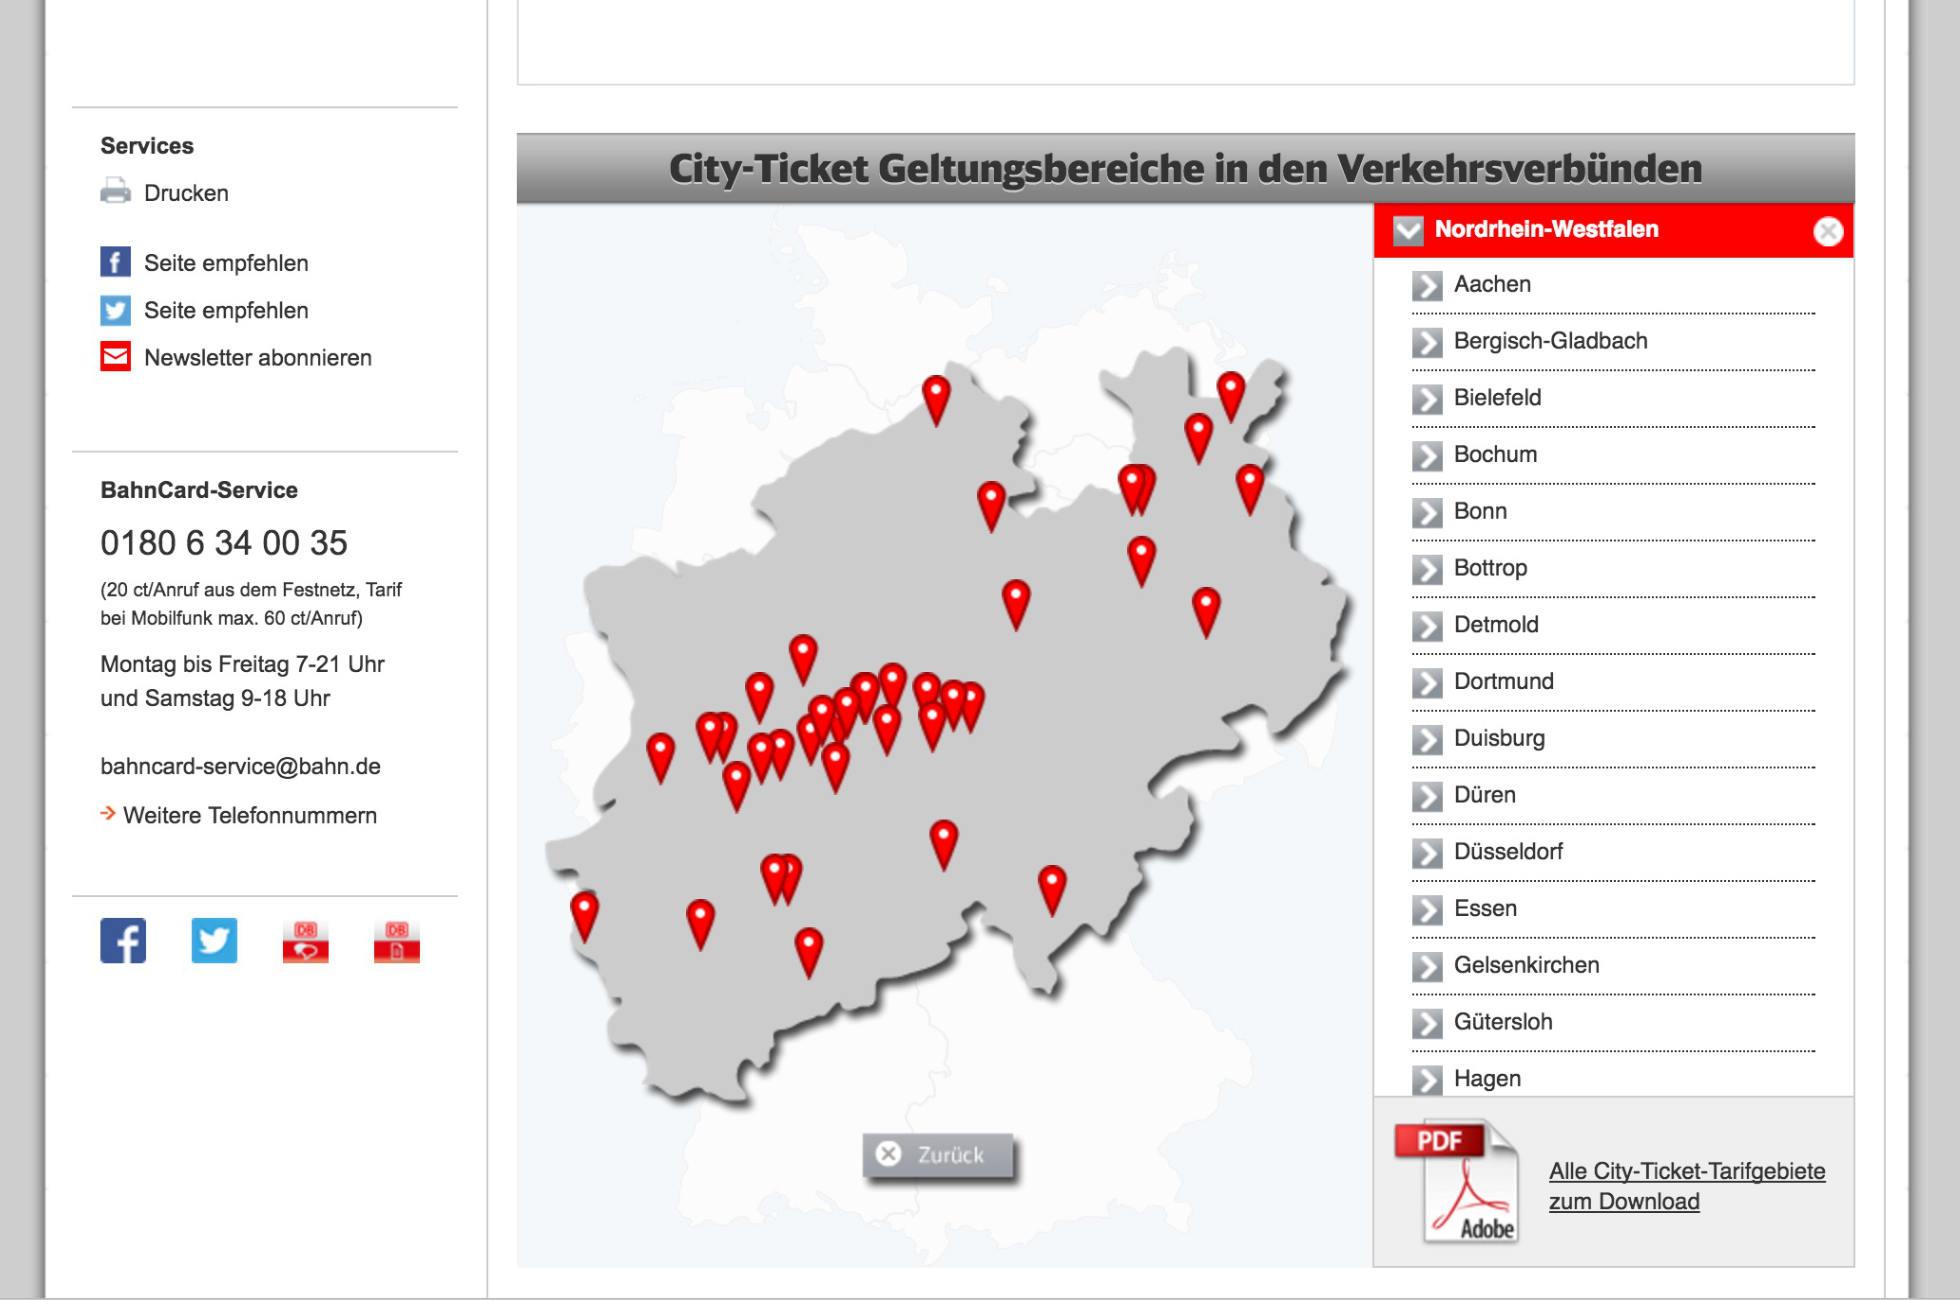 City Ticket Übersicht der Deutschen Bahn